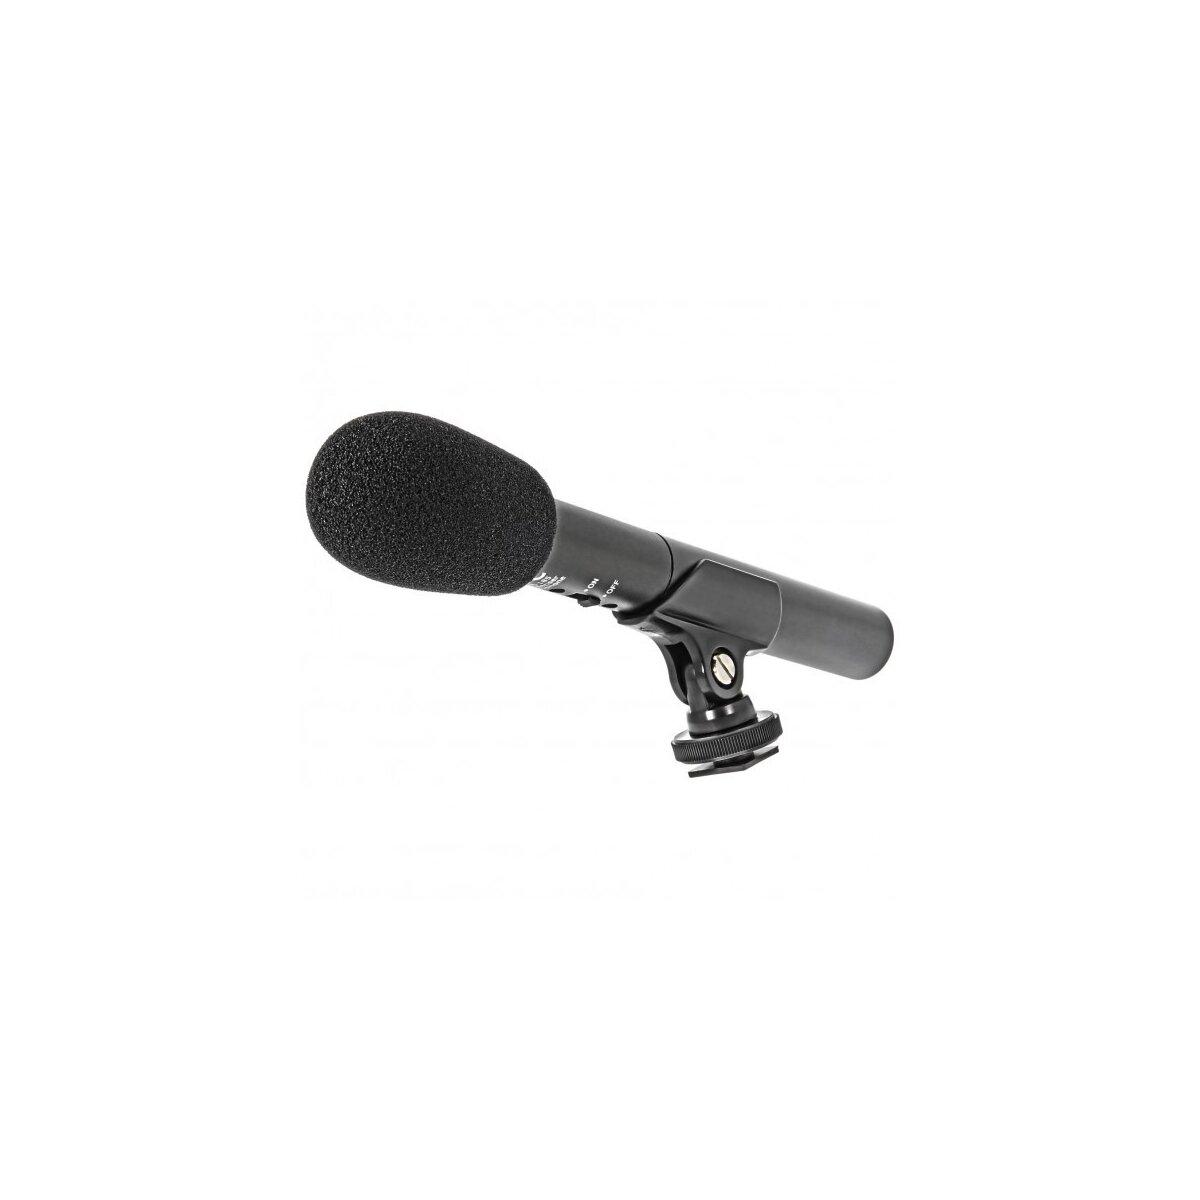 JJC SGM-185 Richtmikrofon fuer DSLR- und Videokameras 3,5mm Klinke Anschluss